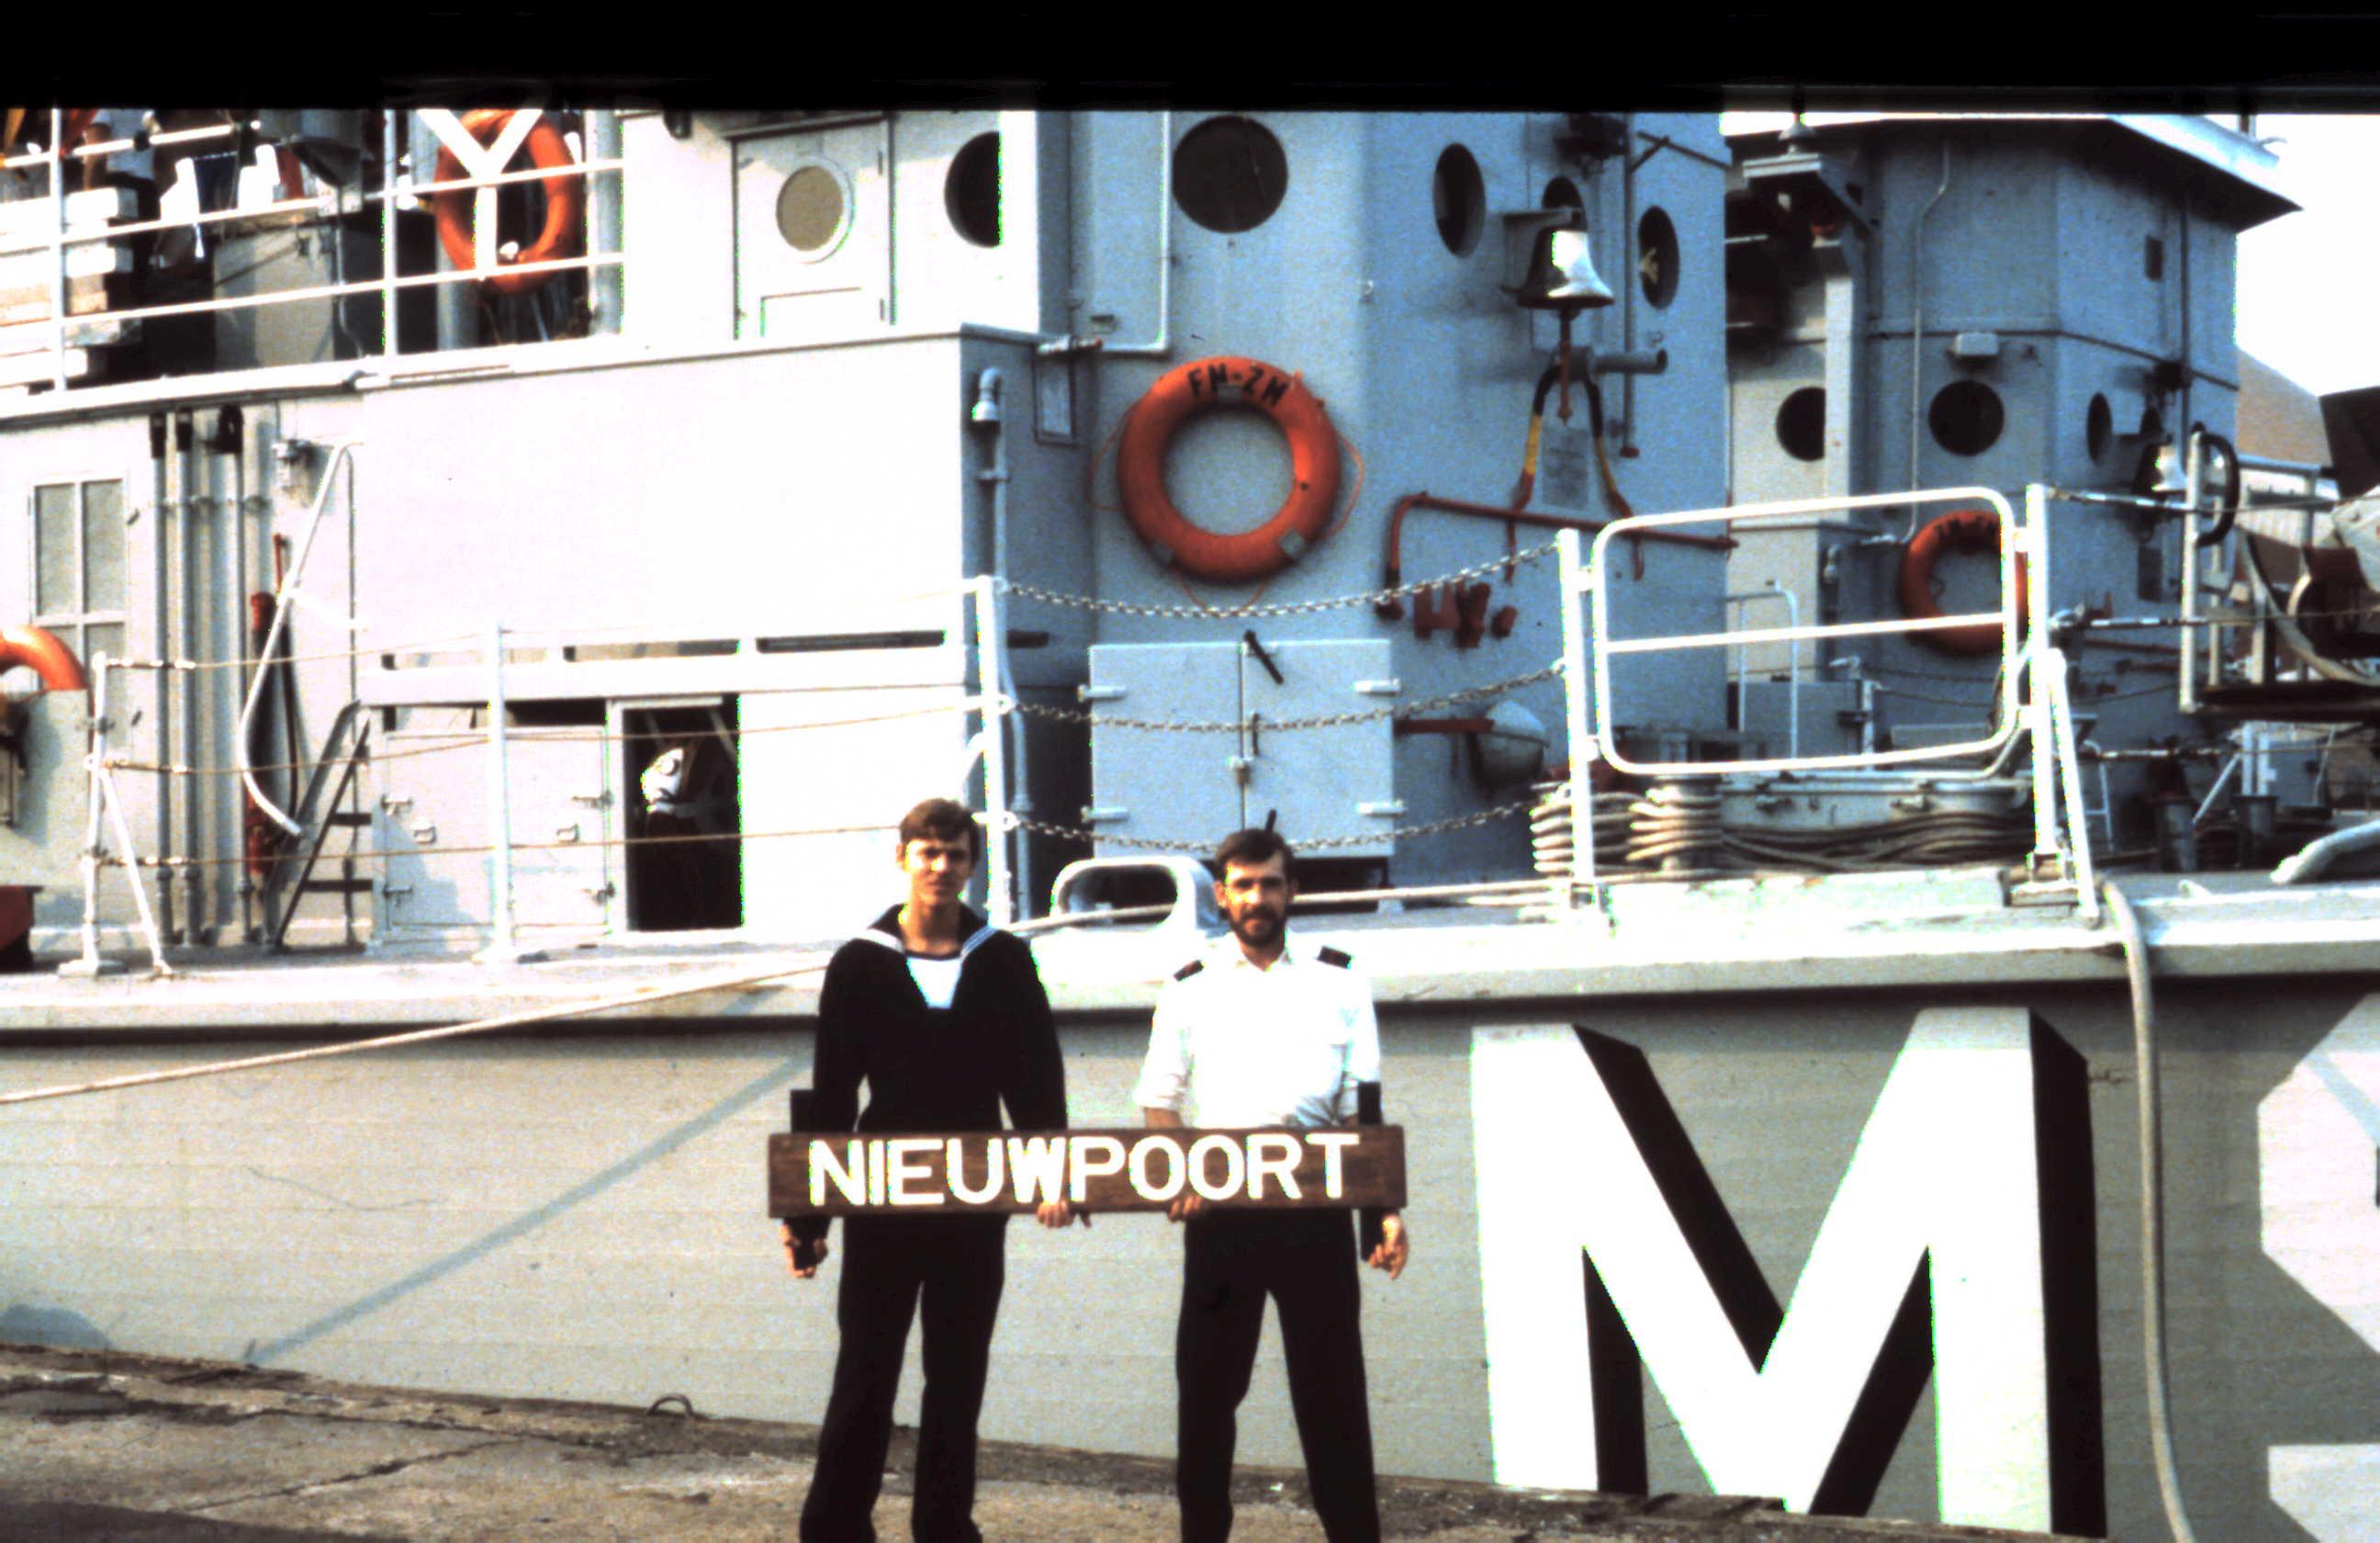 M932 Nieuwpoort - Page 2 1004210838101050245880077